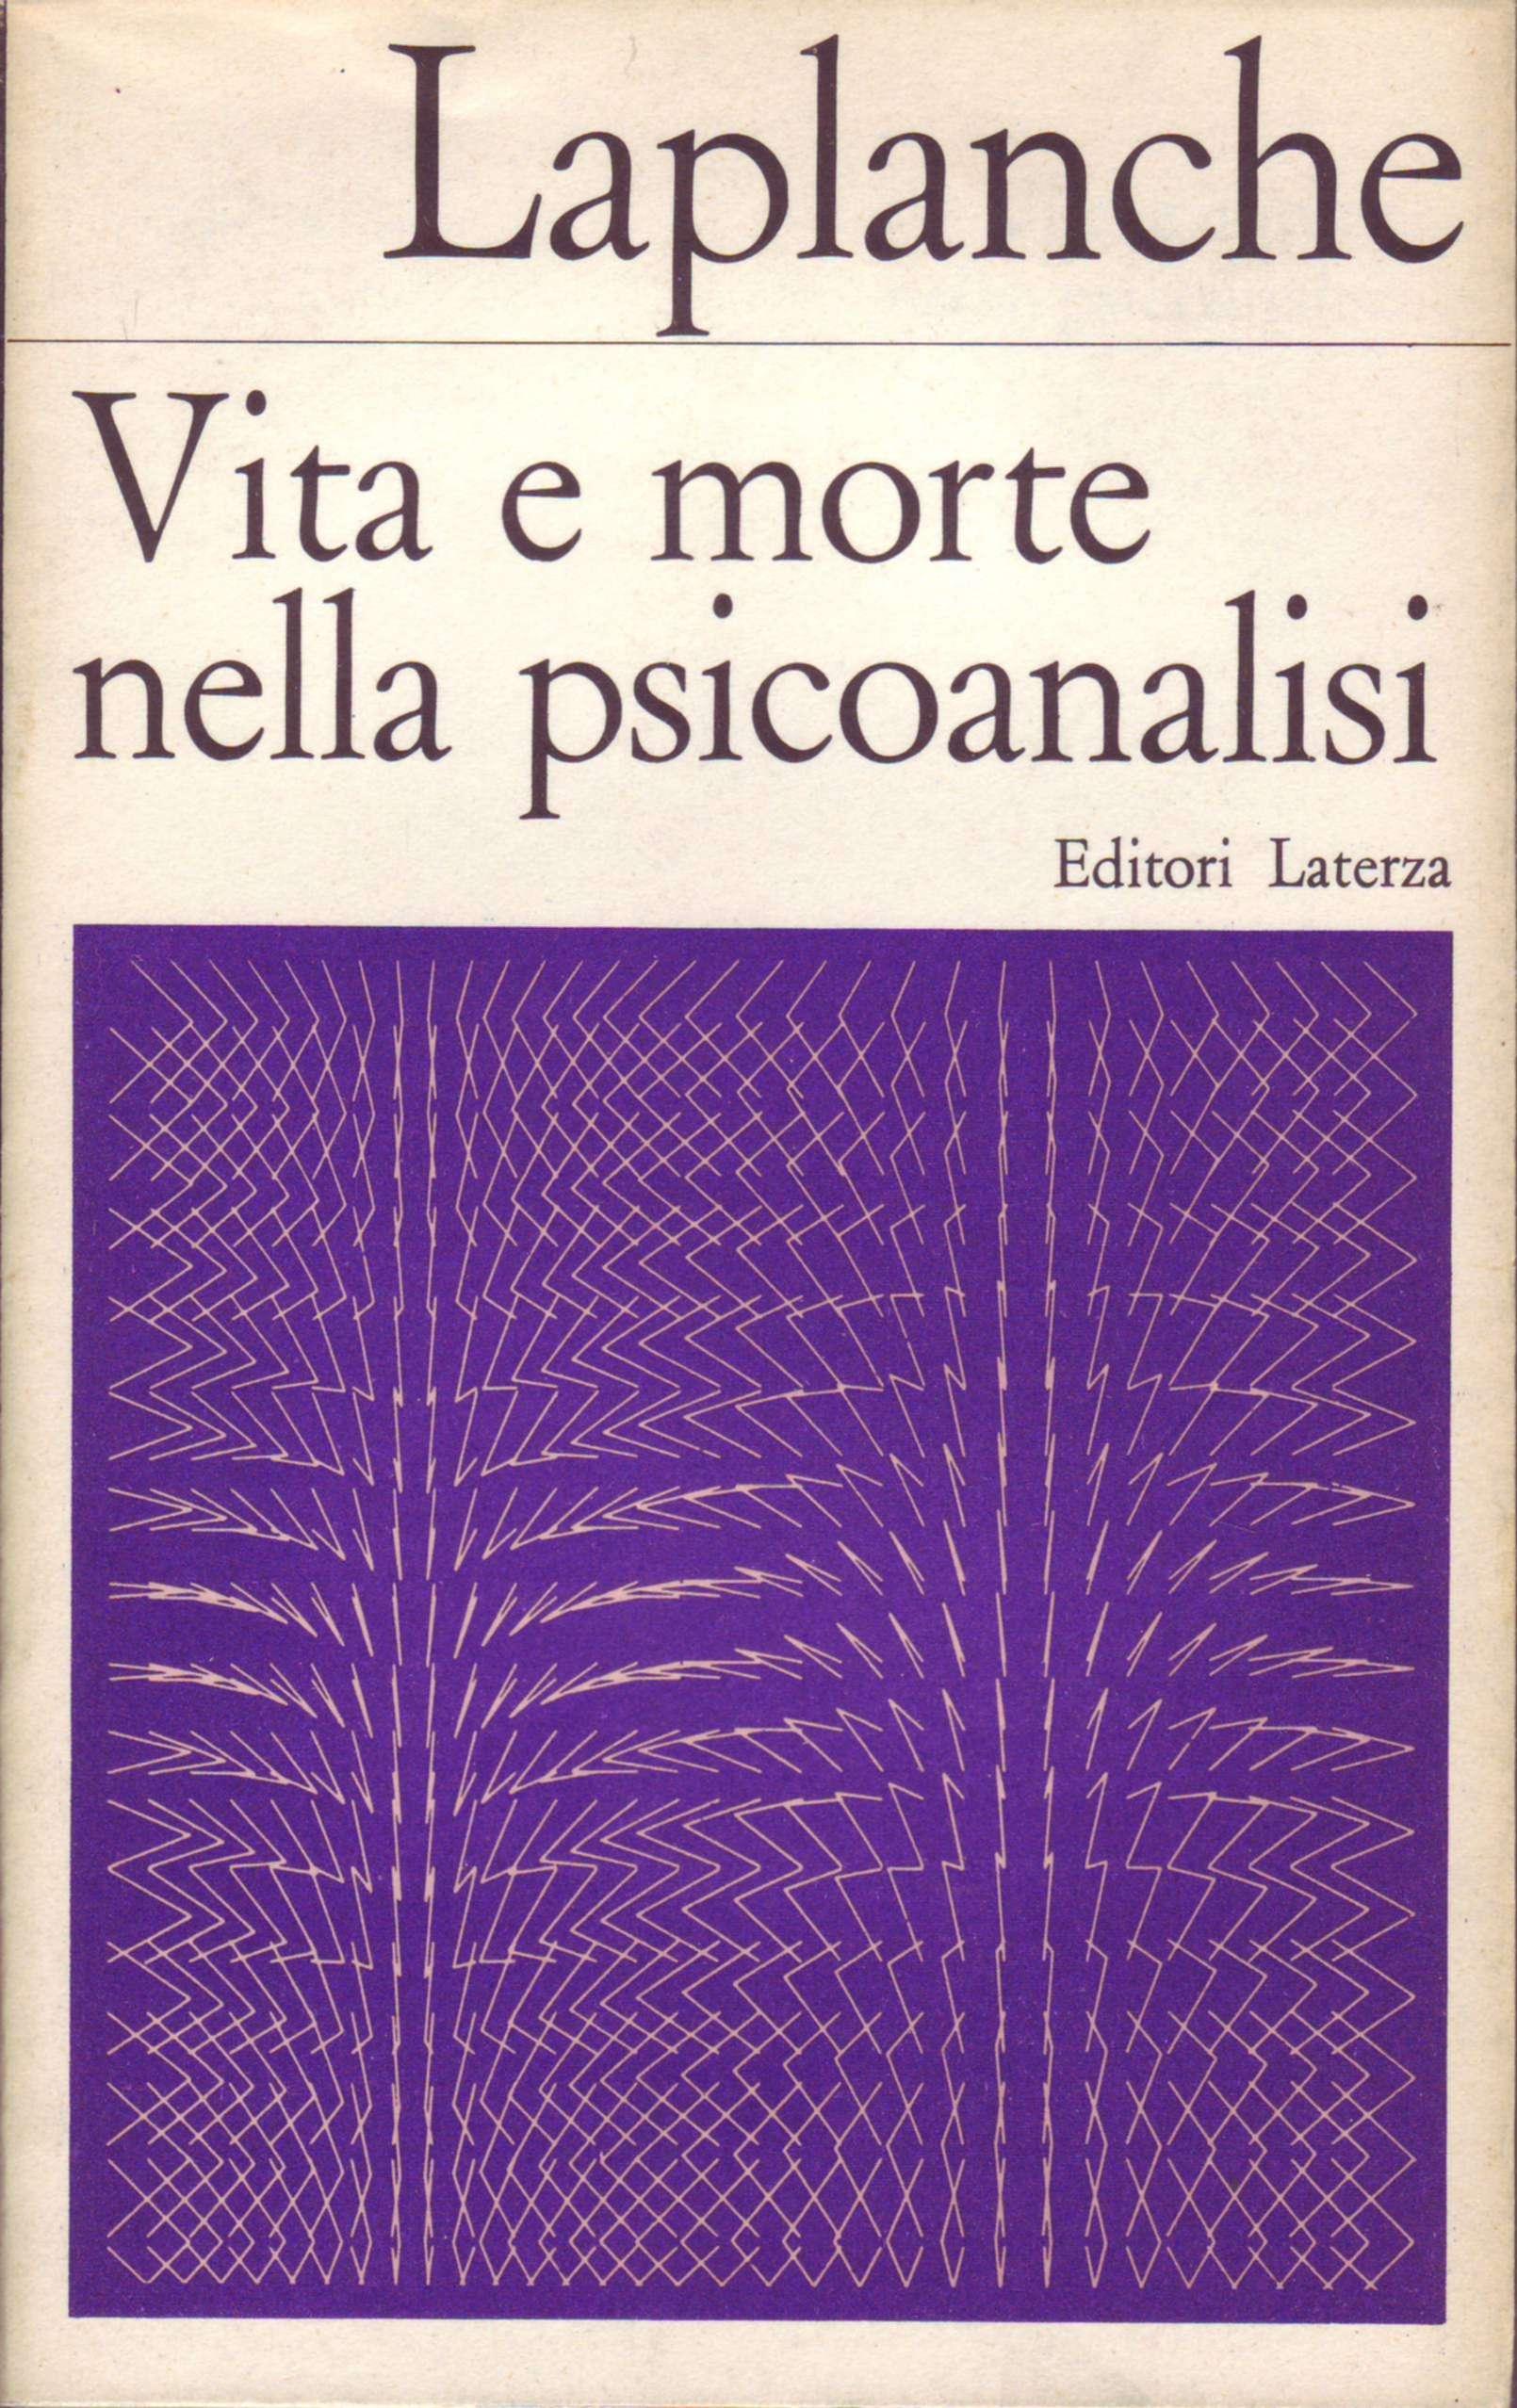 Vita e morte nella psicoanalisi